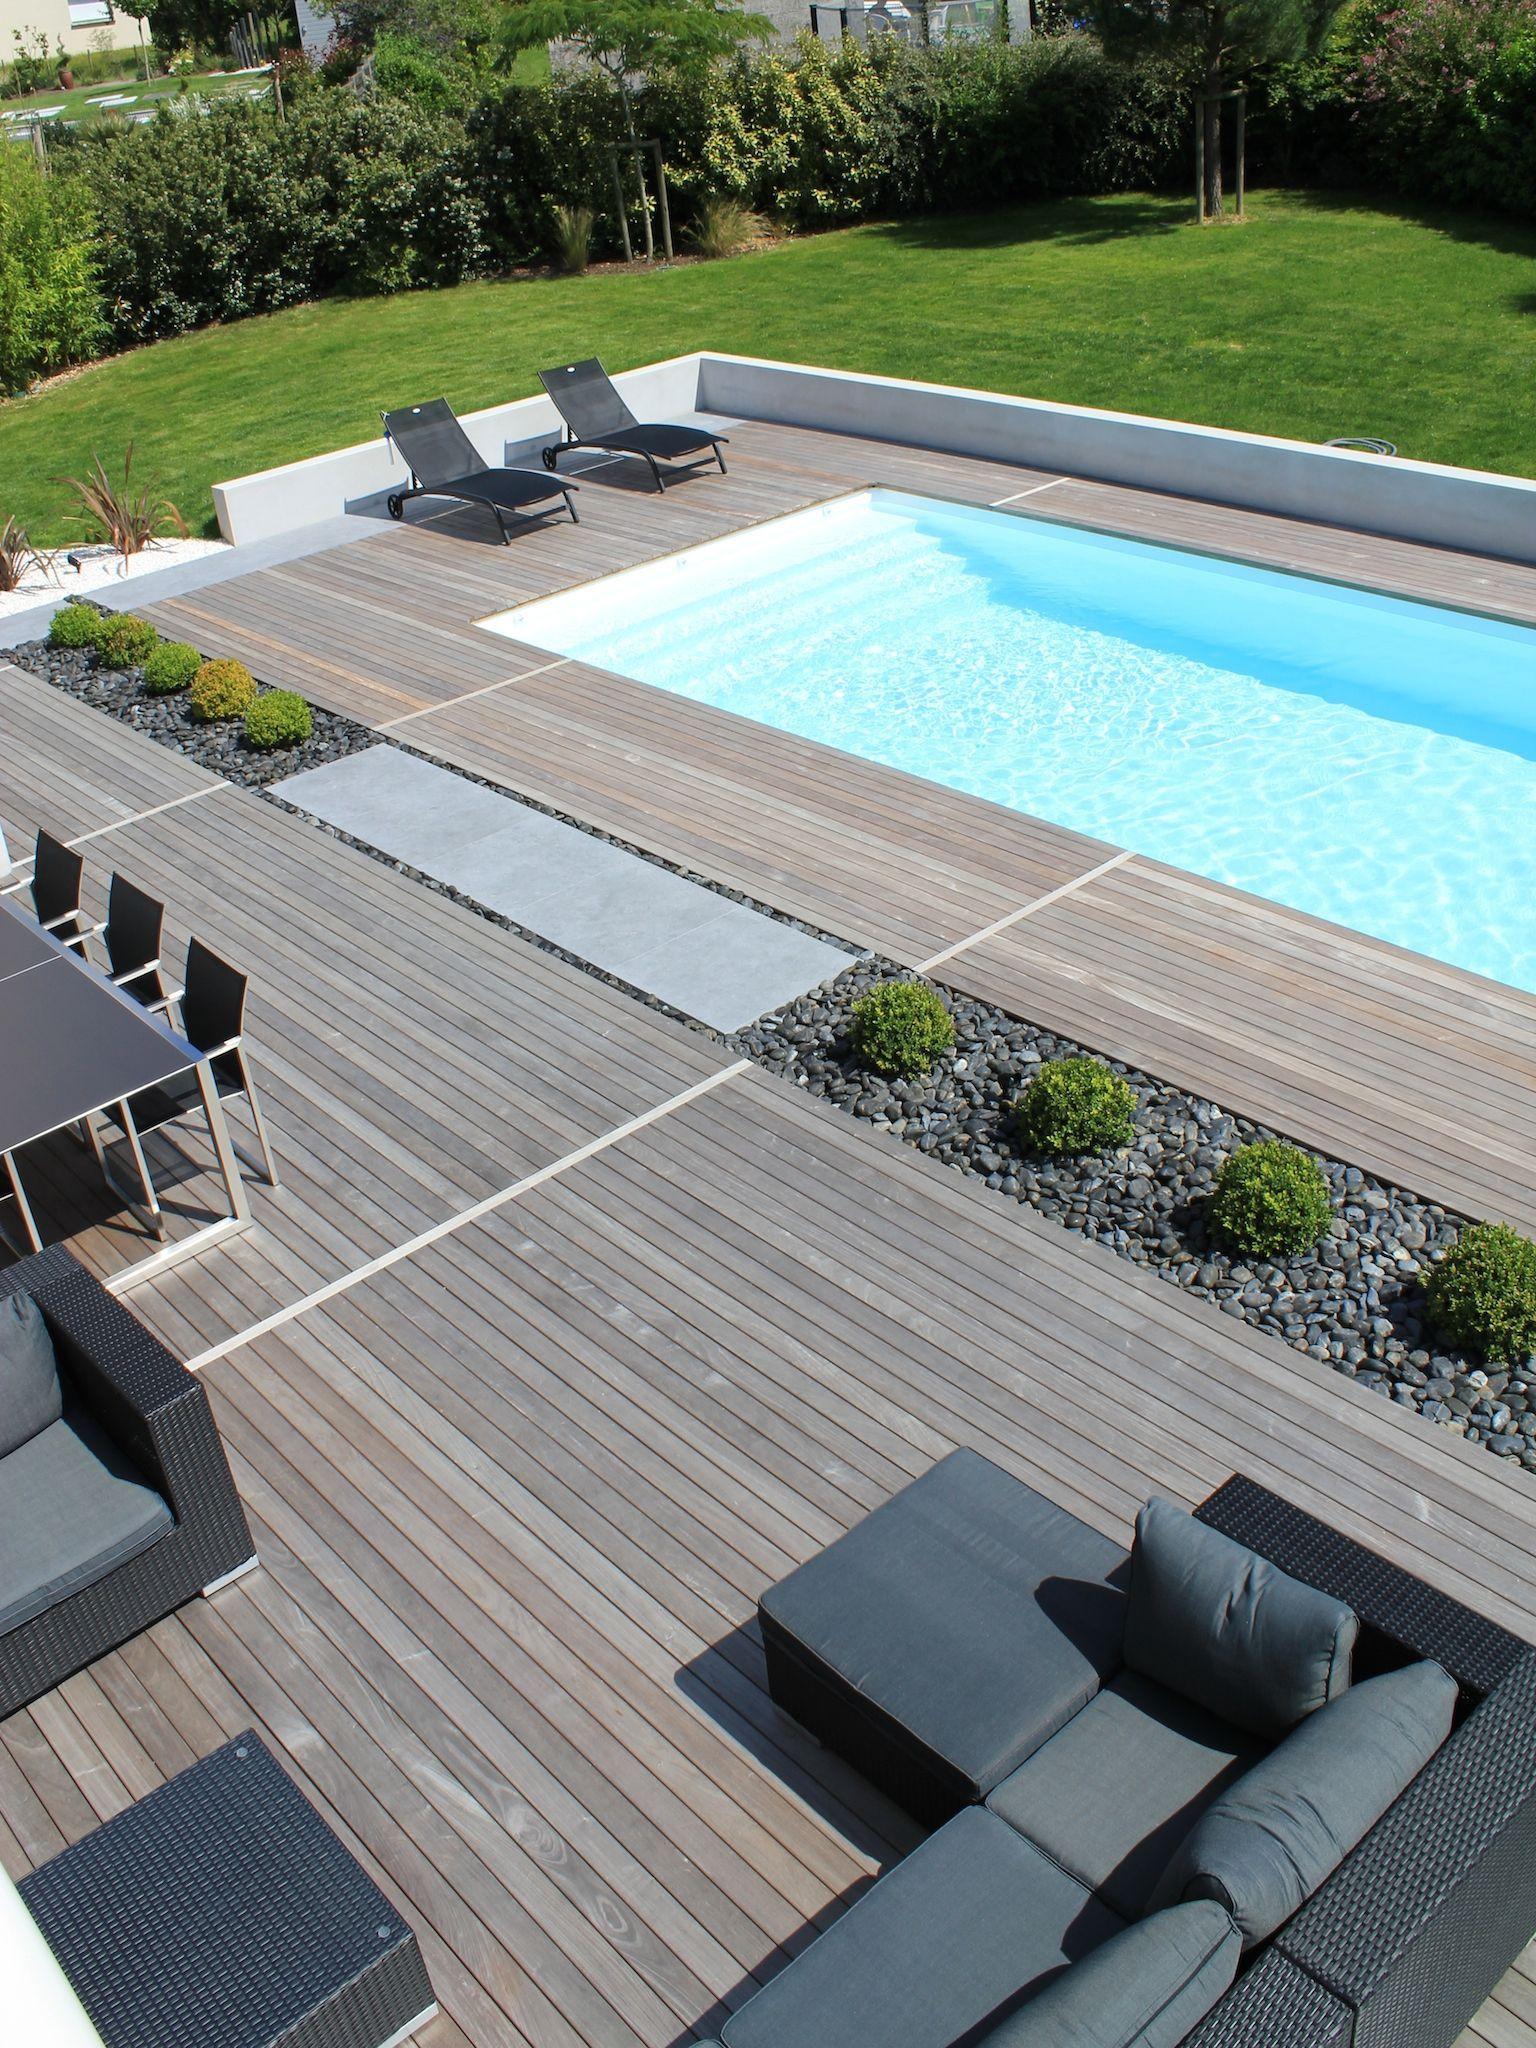 La Piscine Paysagée Par L'Esprit Piscine - 9,5 X 4 M destiné Piscine Sur Terrasse En Hauteur